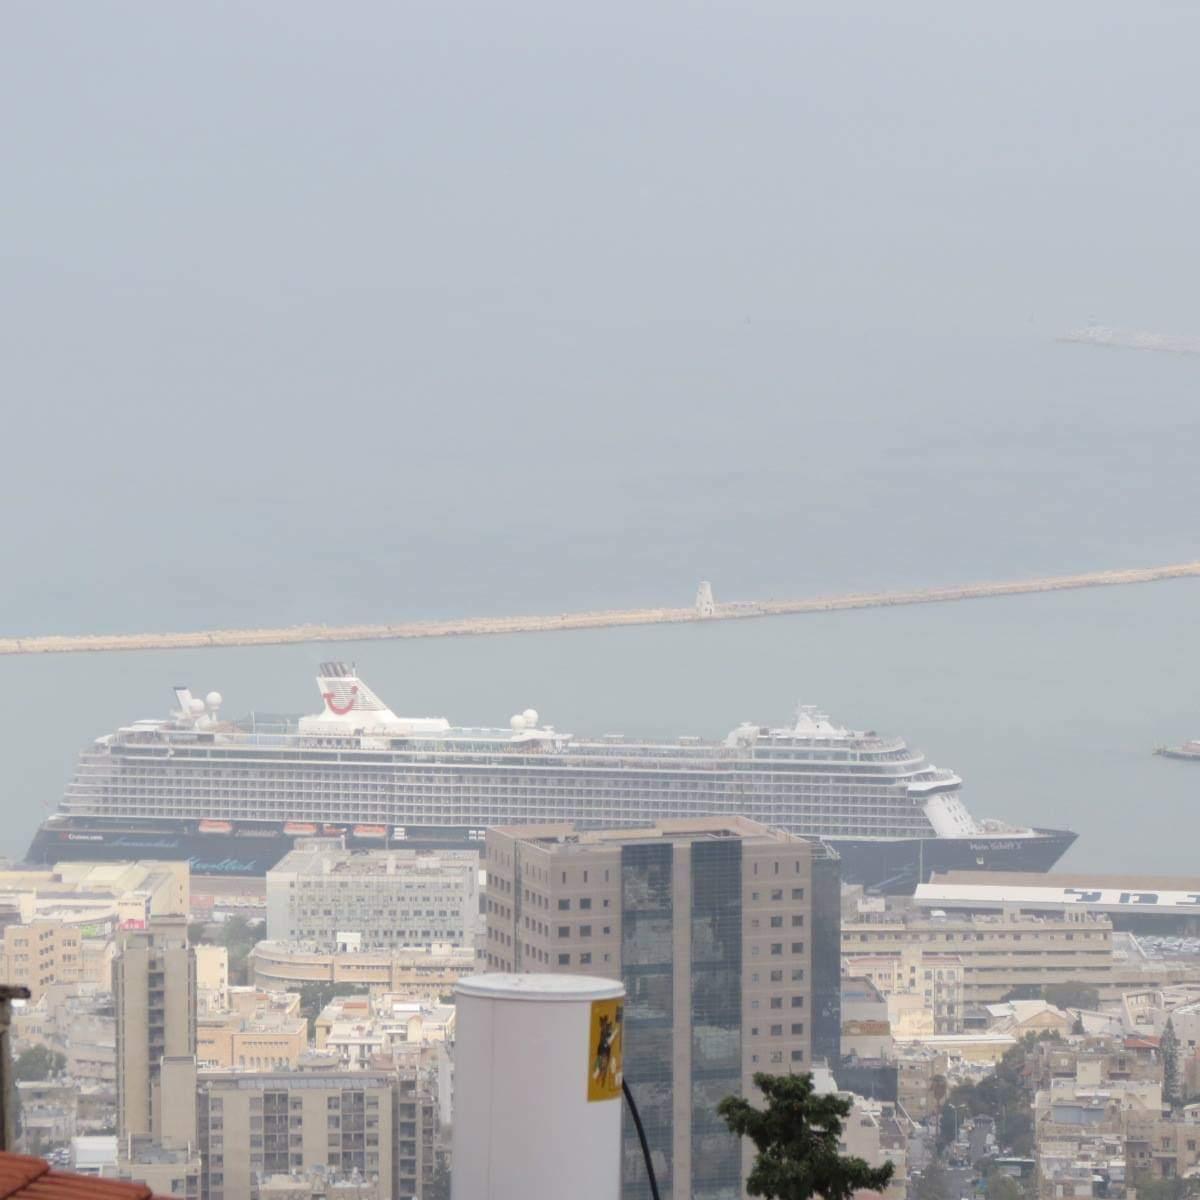 האנייה מיין שיפט 3 - Mein Schiff 3 בנמל חיפה 25/10/2018 (צילום: אנדריי סוידאן)